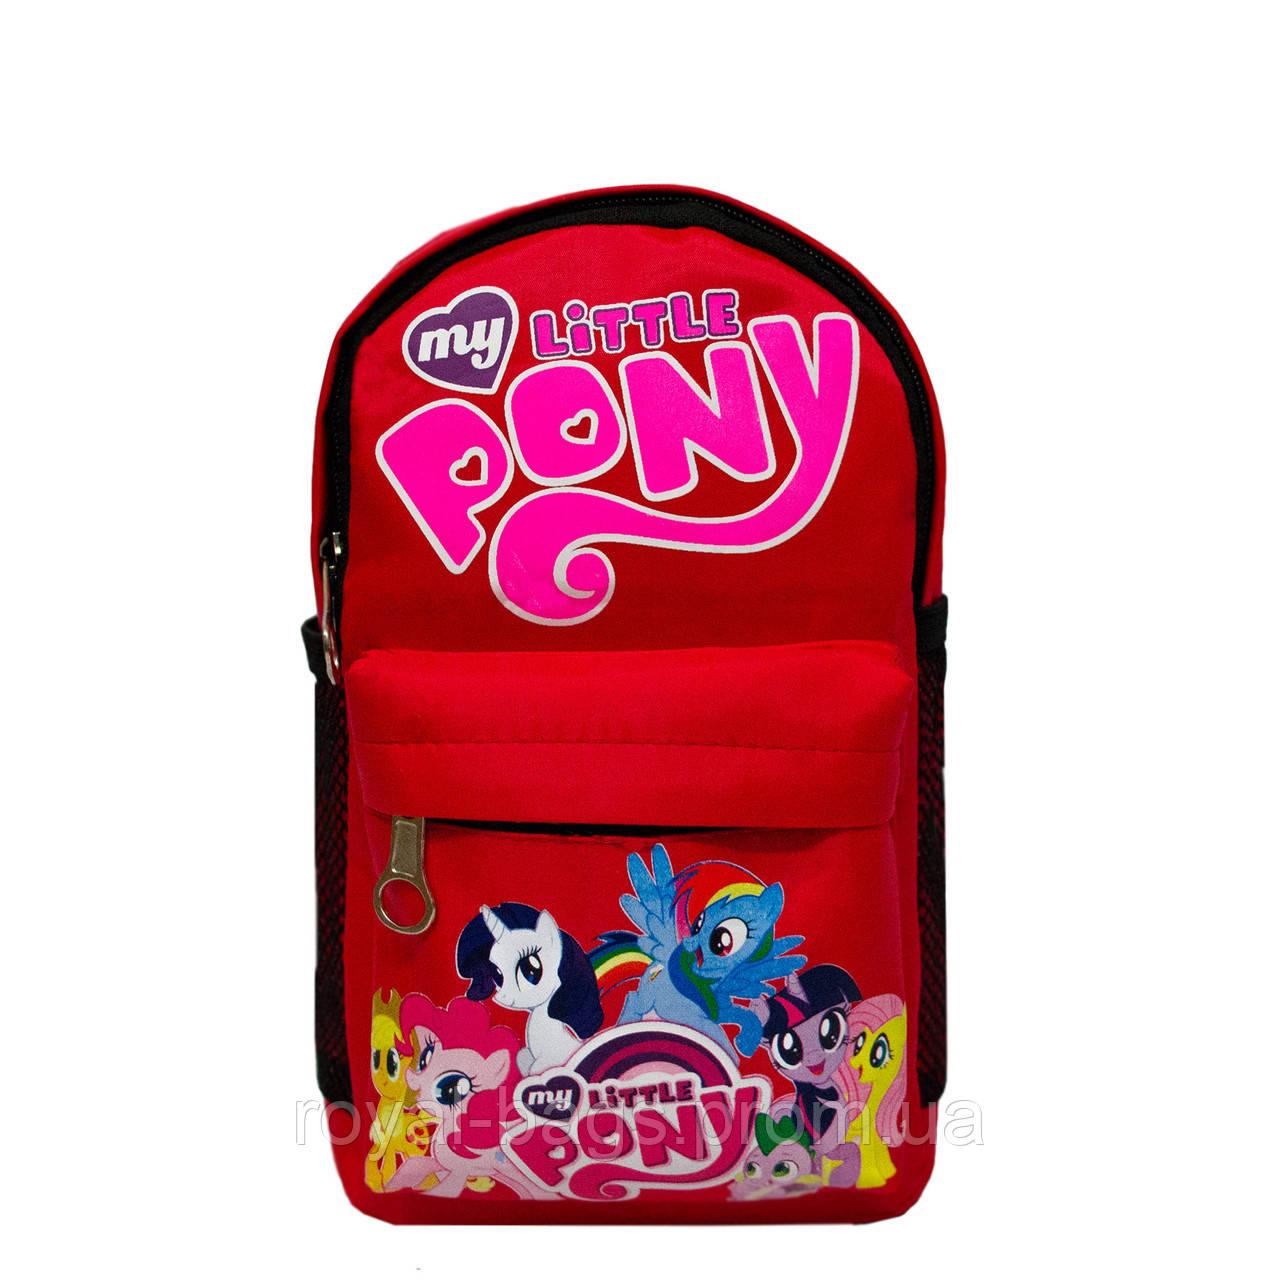 """Рюкзачок """"Мультяшки""""My Little Pony"""" 2 Цвета"""